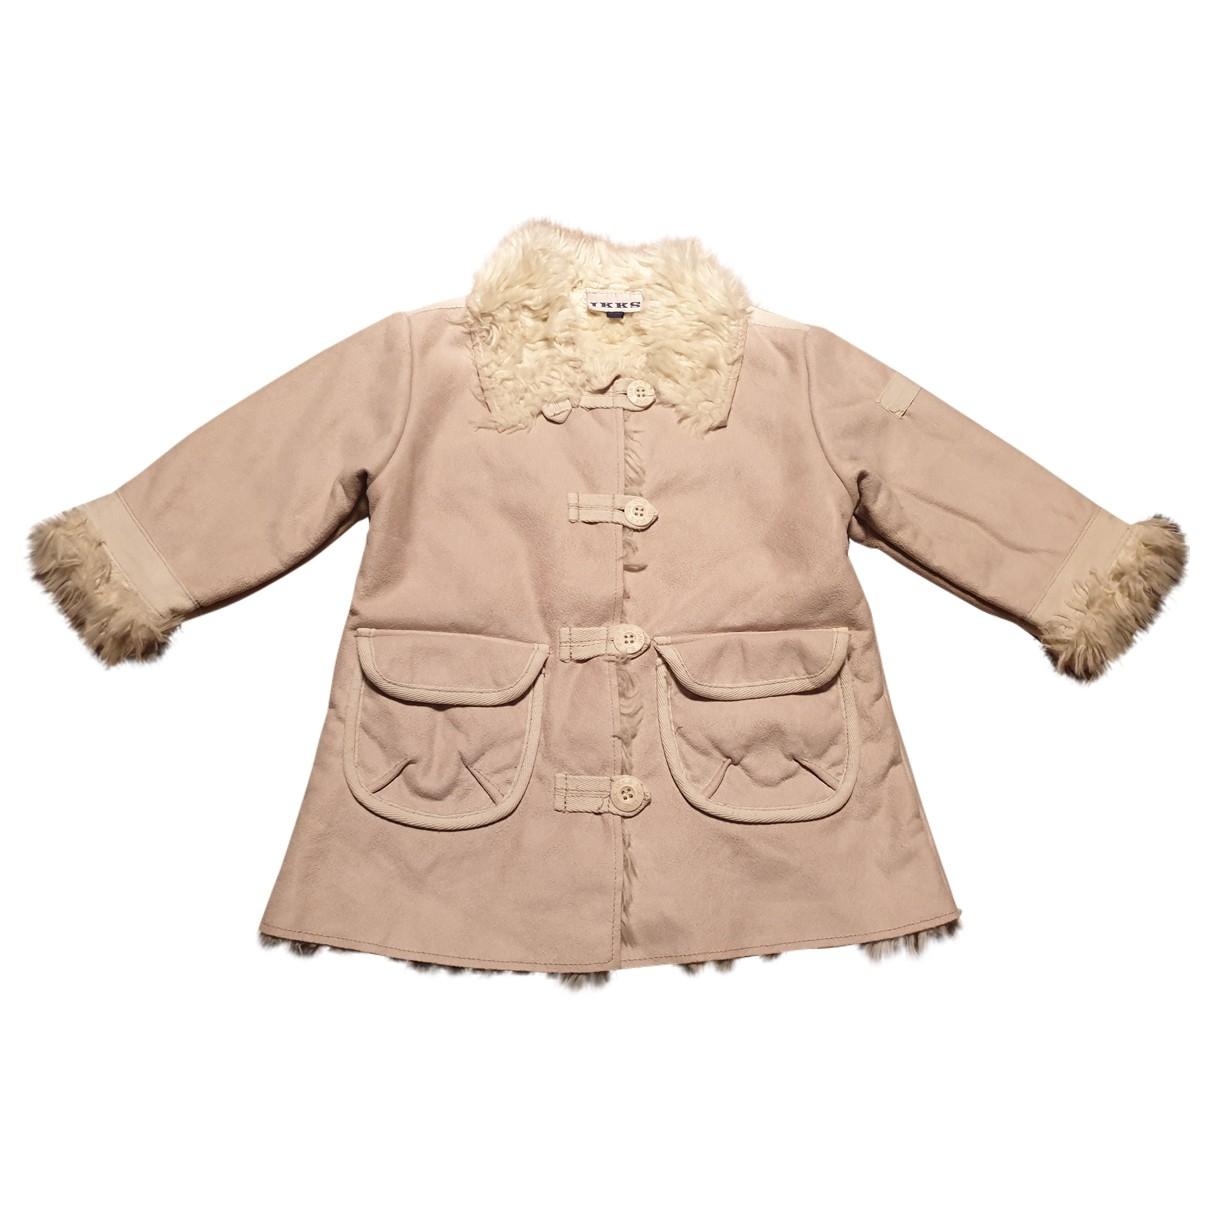 Ikks - Blousons.Manteaux   pour enfant - ecru